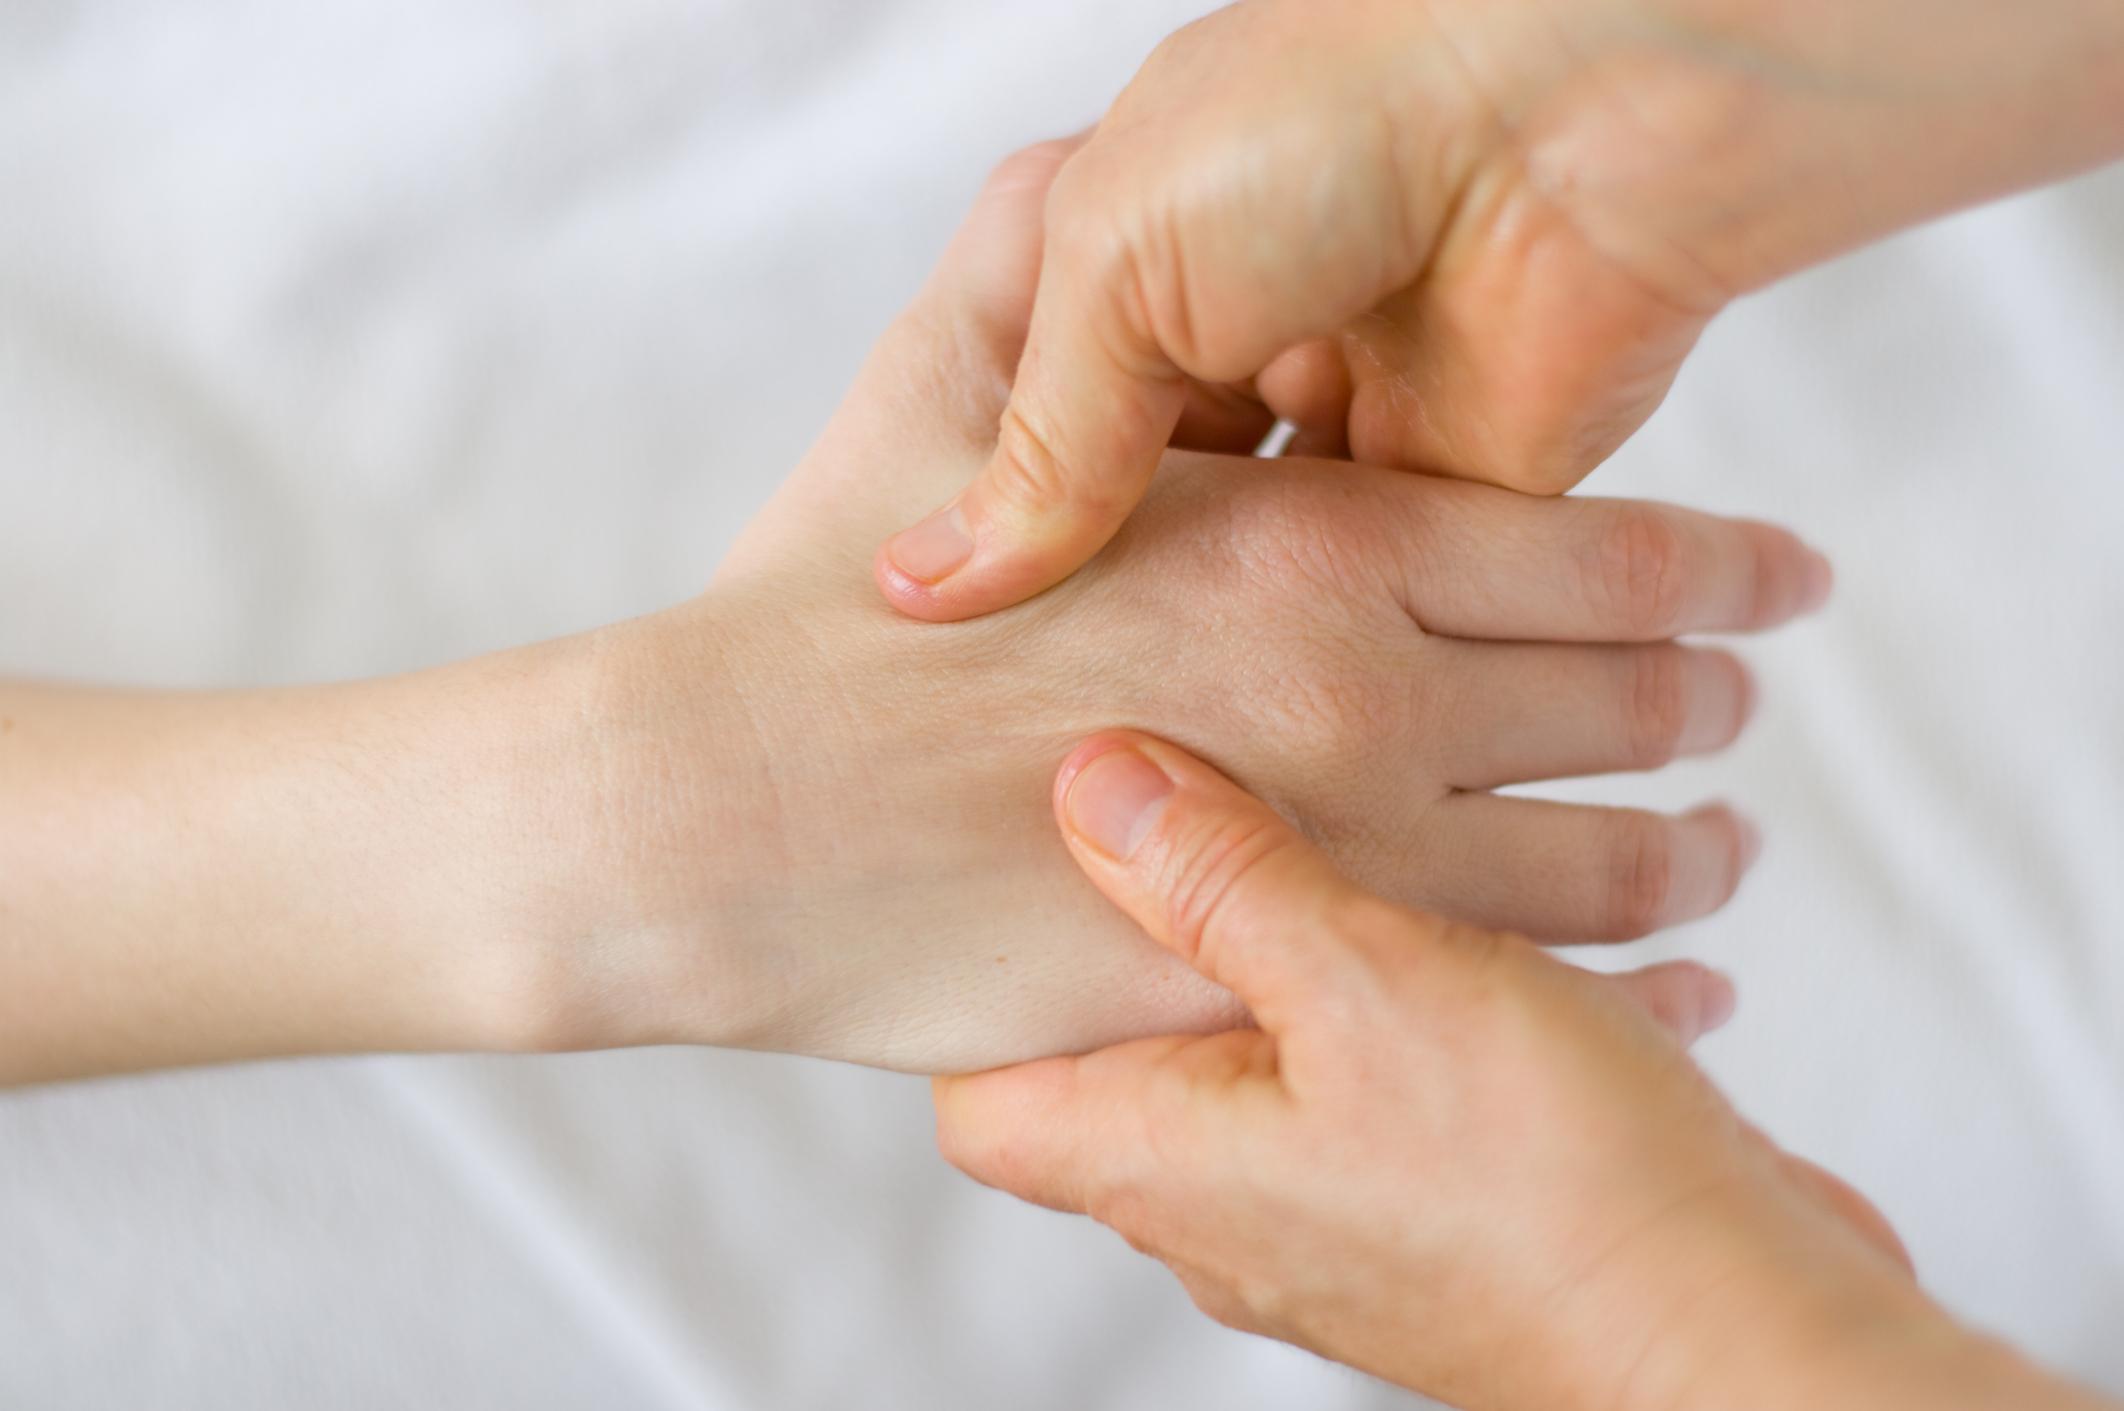 Reflexology Massage at Med Massage and Wellness Clinic